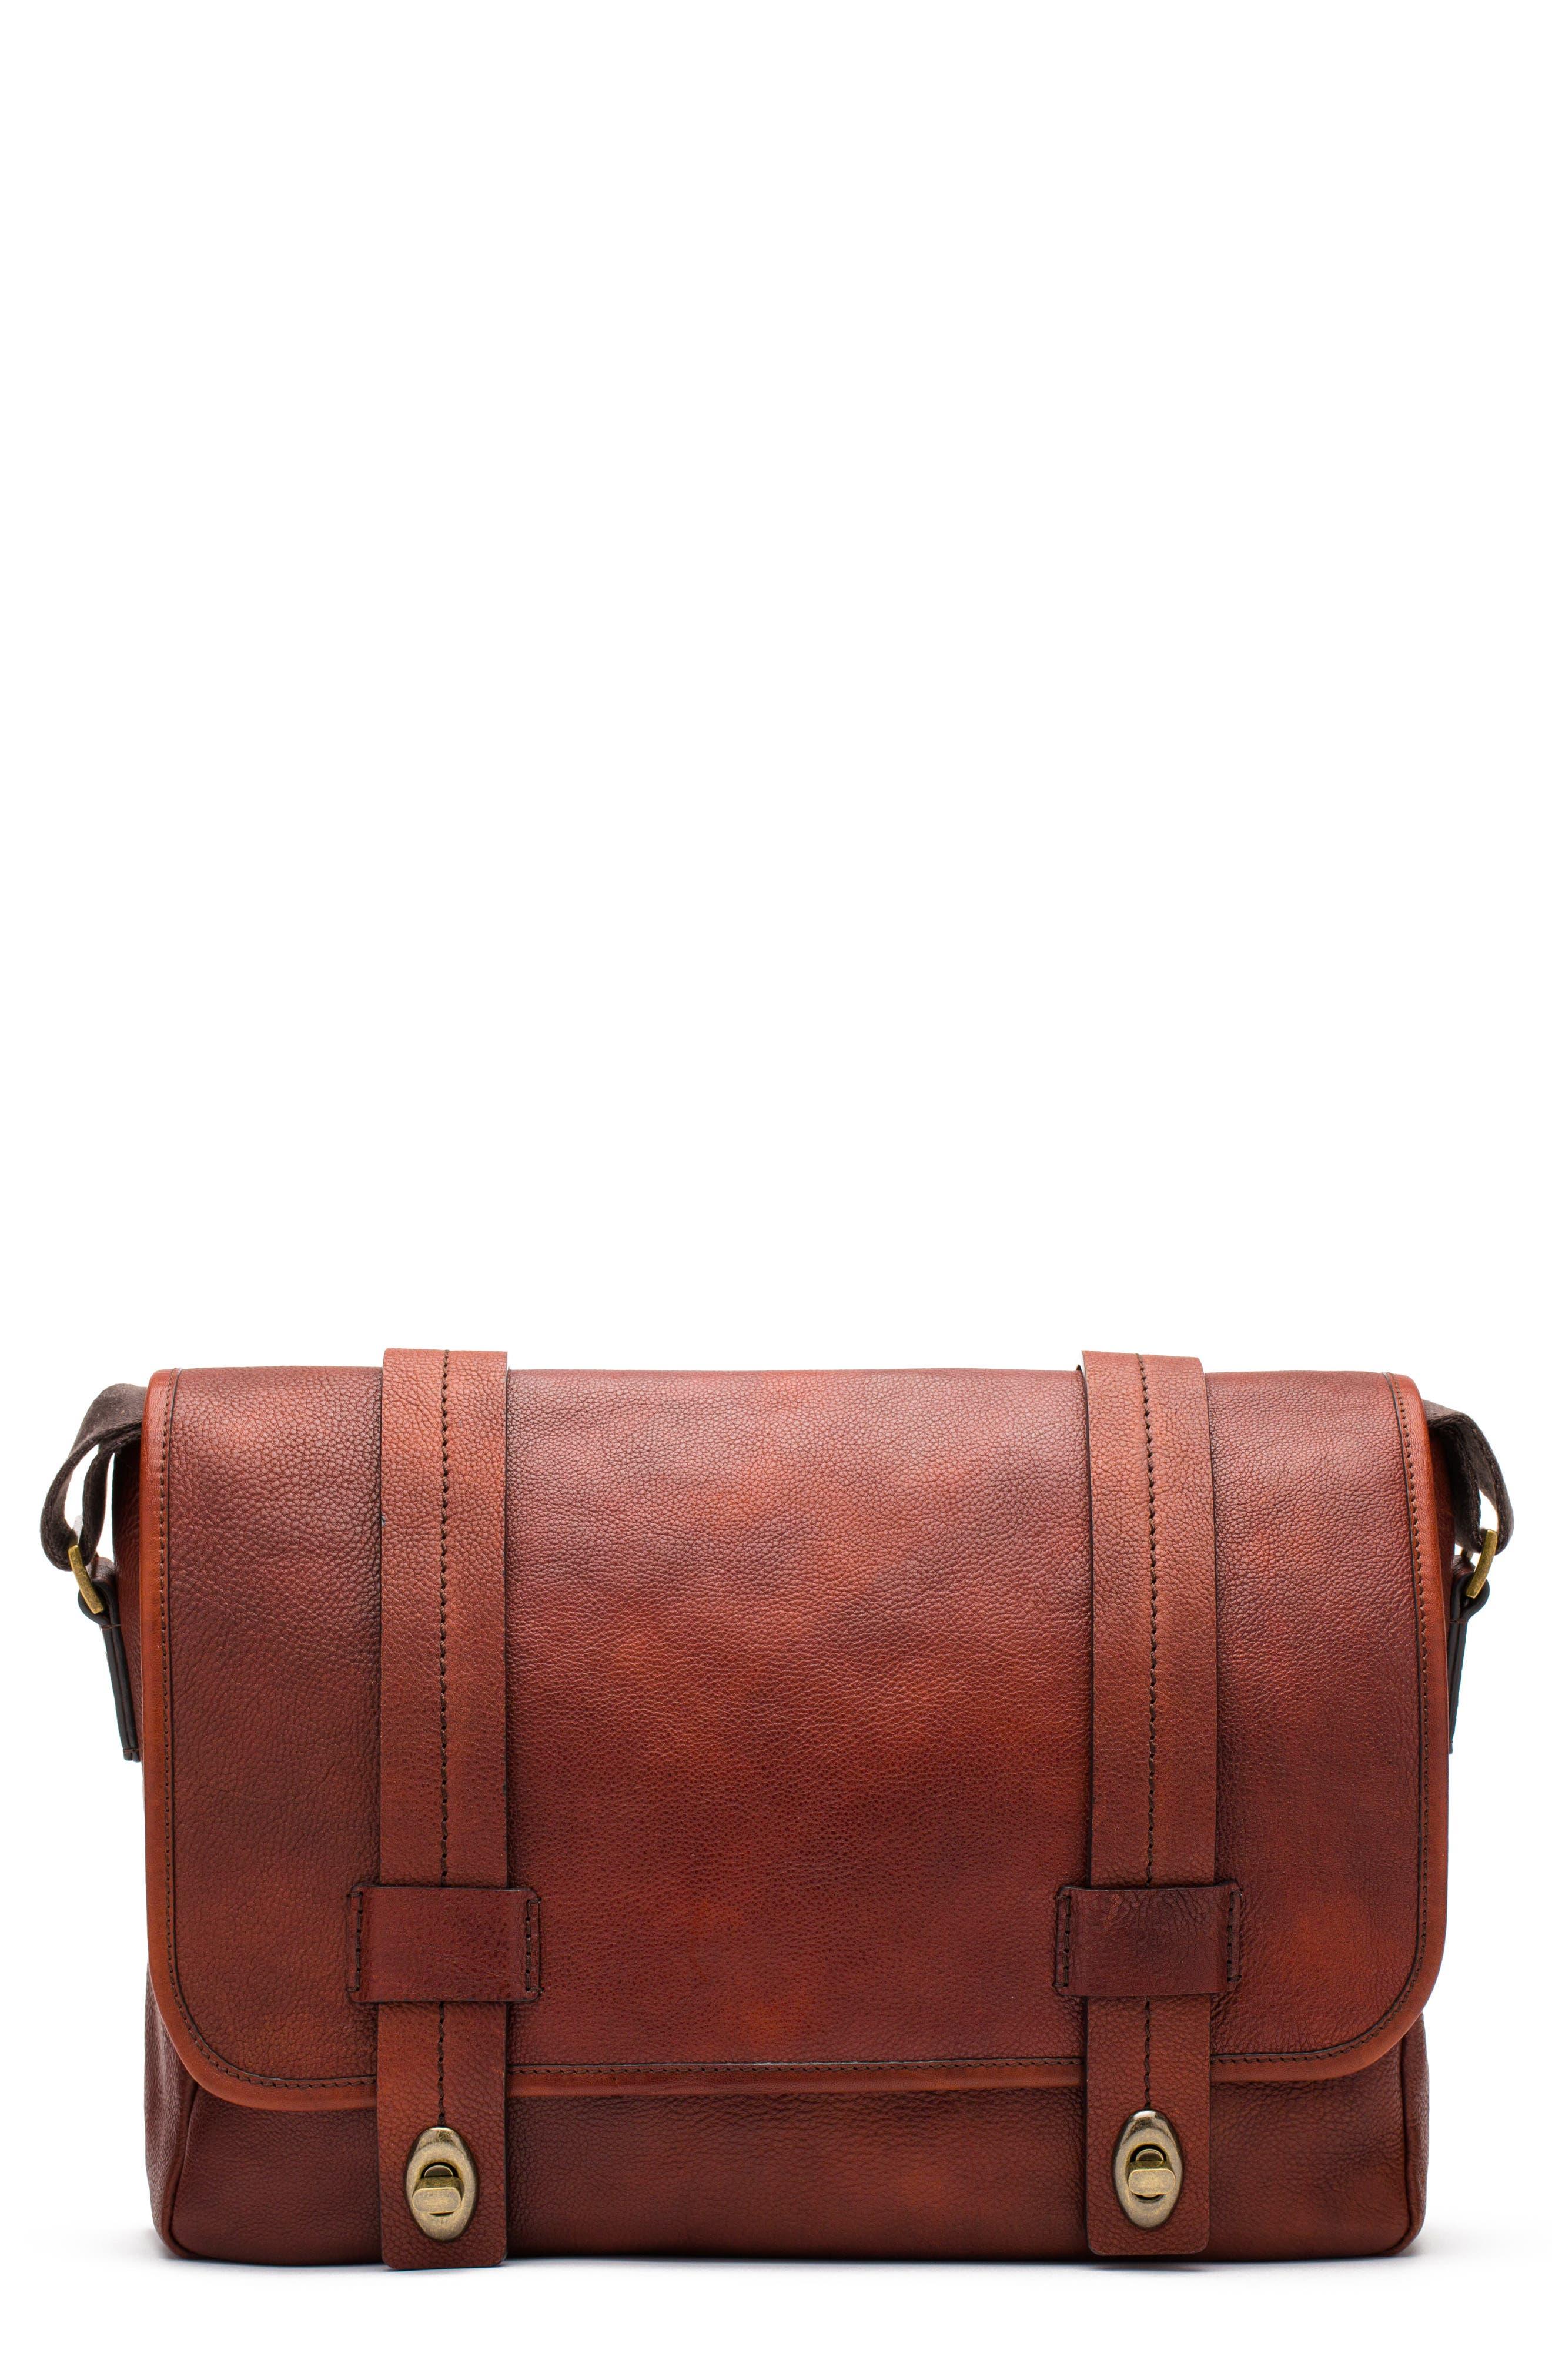 Leather Messenger Bag,                         Main,                         color, DARK BROWN